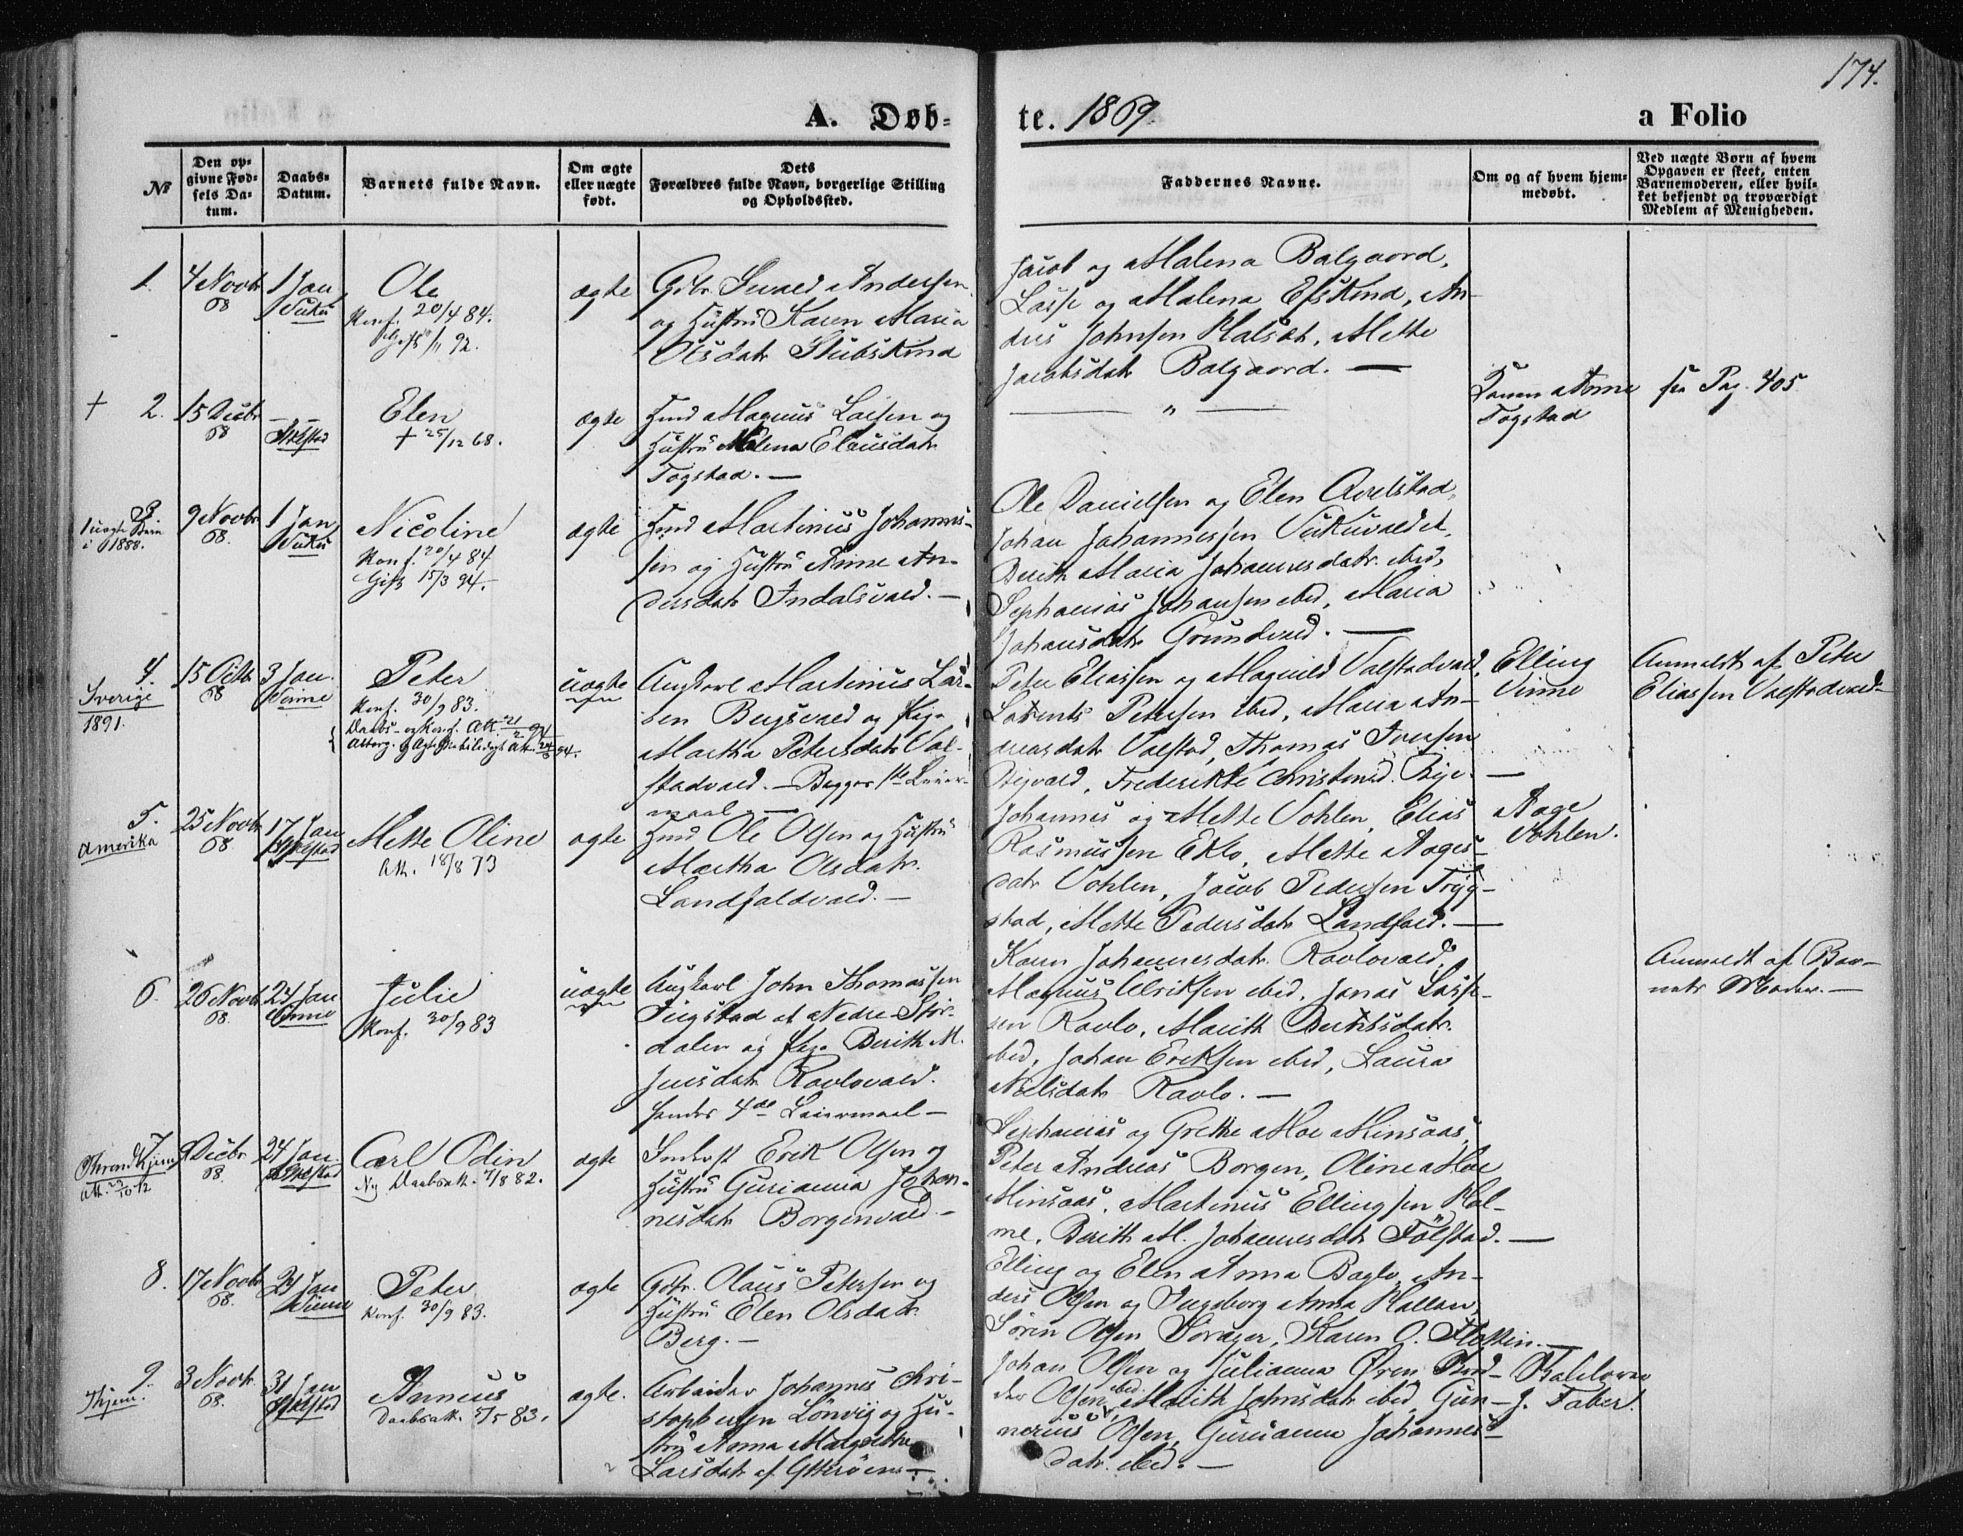 SAT, Ministerialprotokoller, klokkerbøker og fødselsregistre - Nord-Trøndelag, 723/L0241: Ministerialbok nr. 723A10, 1860-1869, s. 174